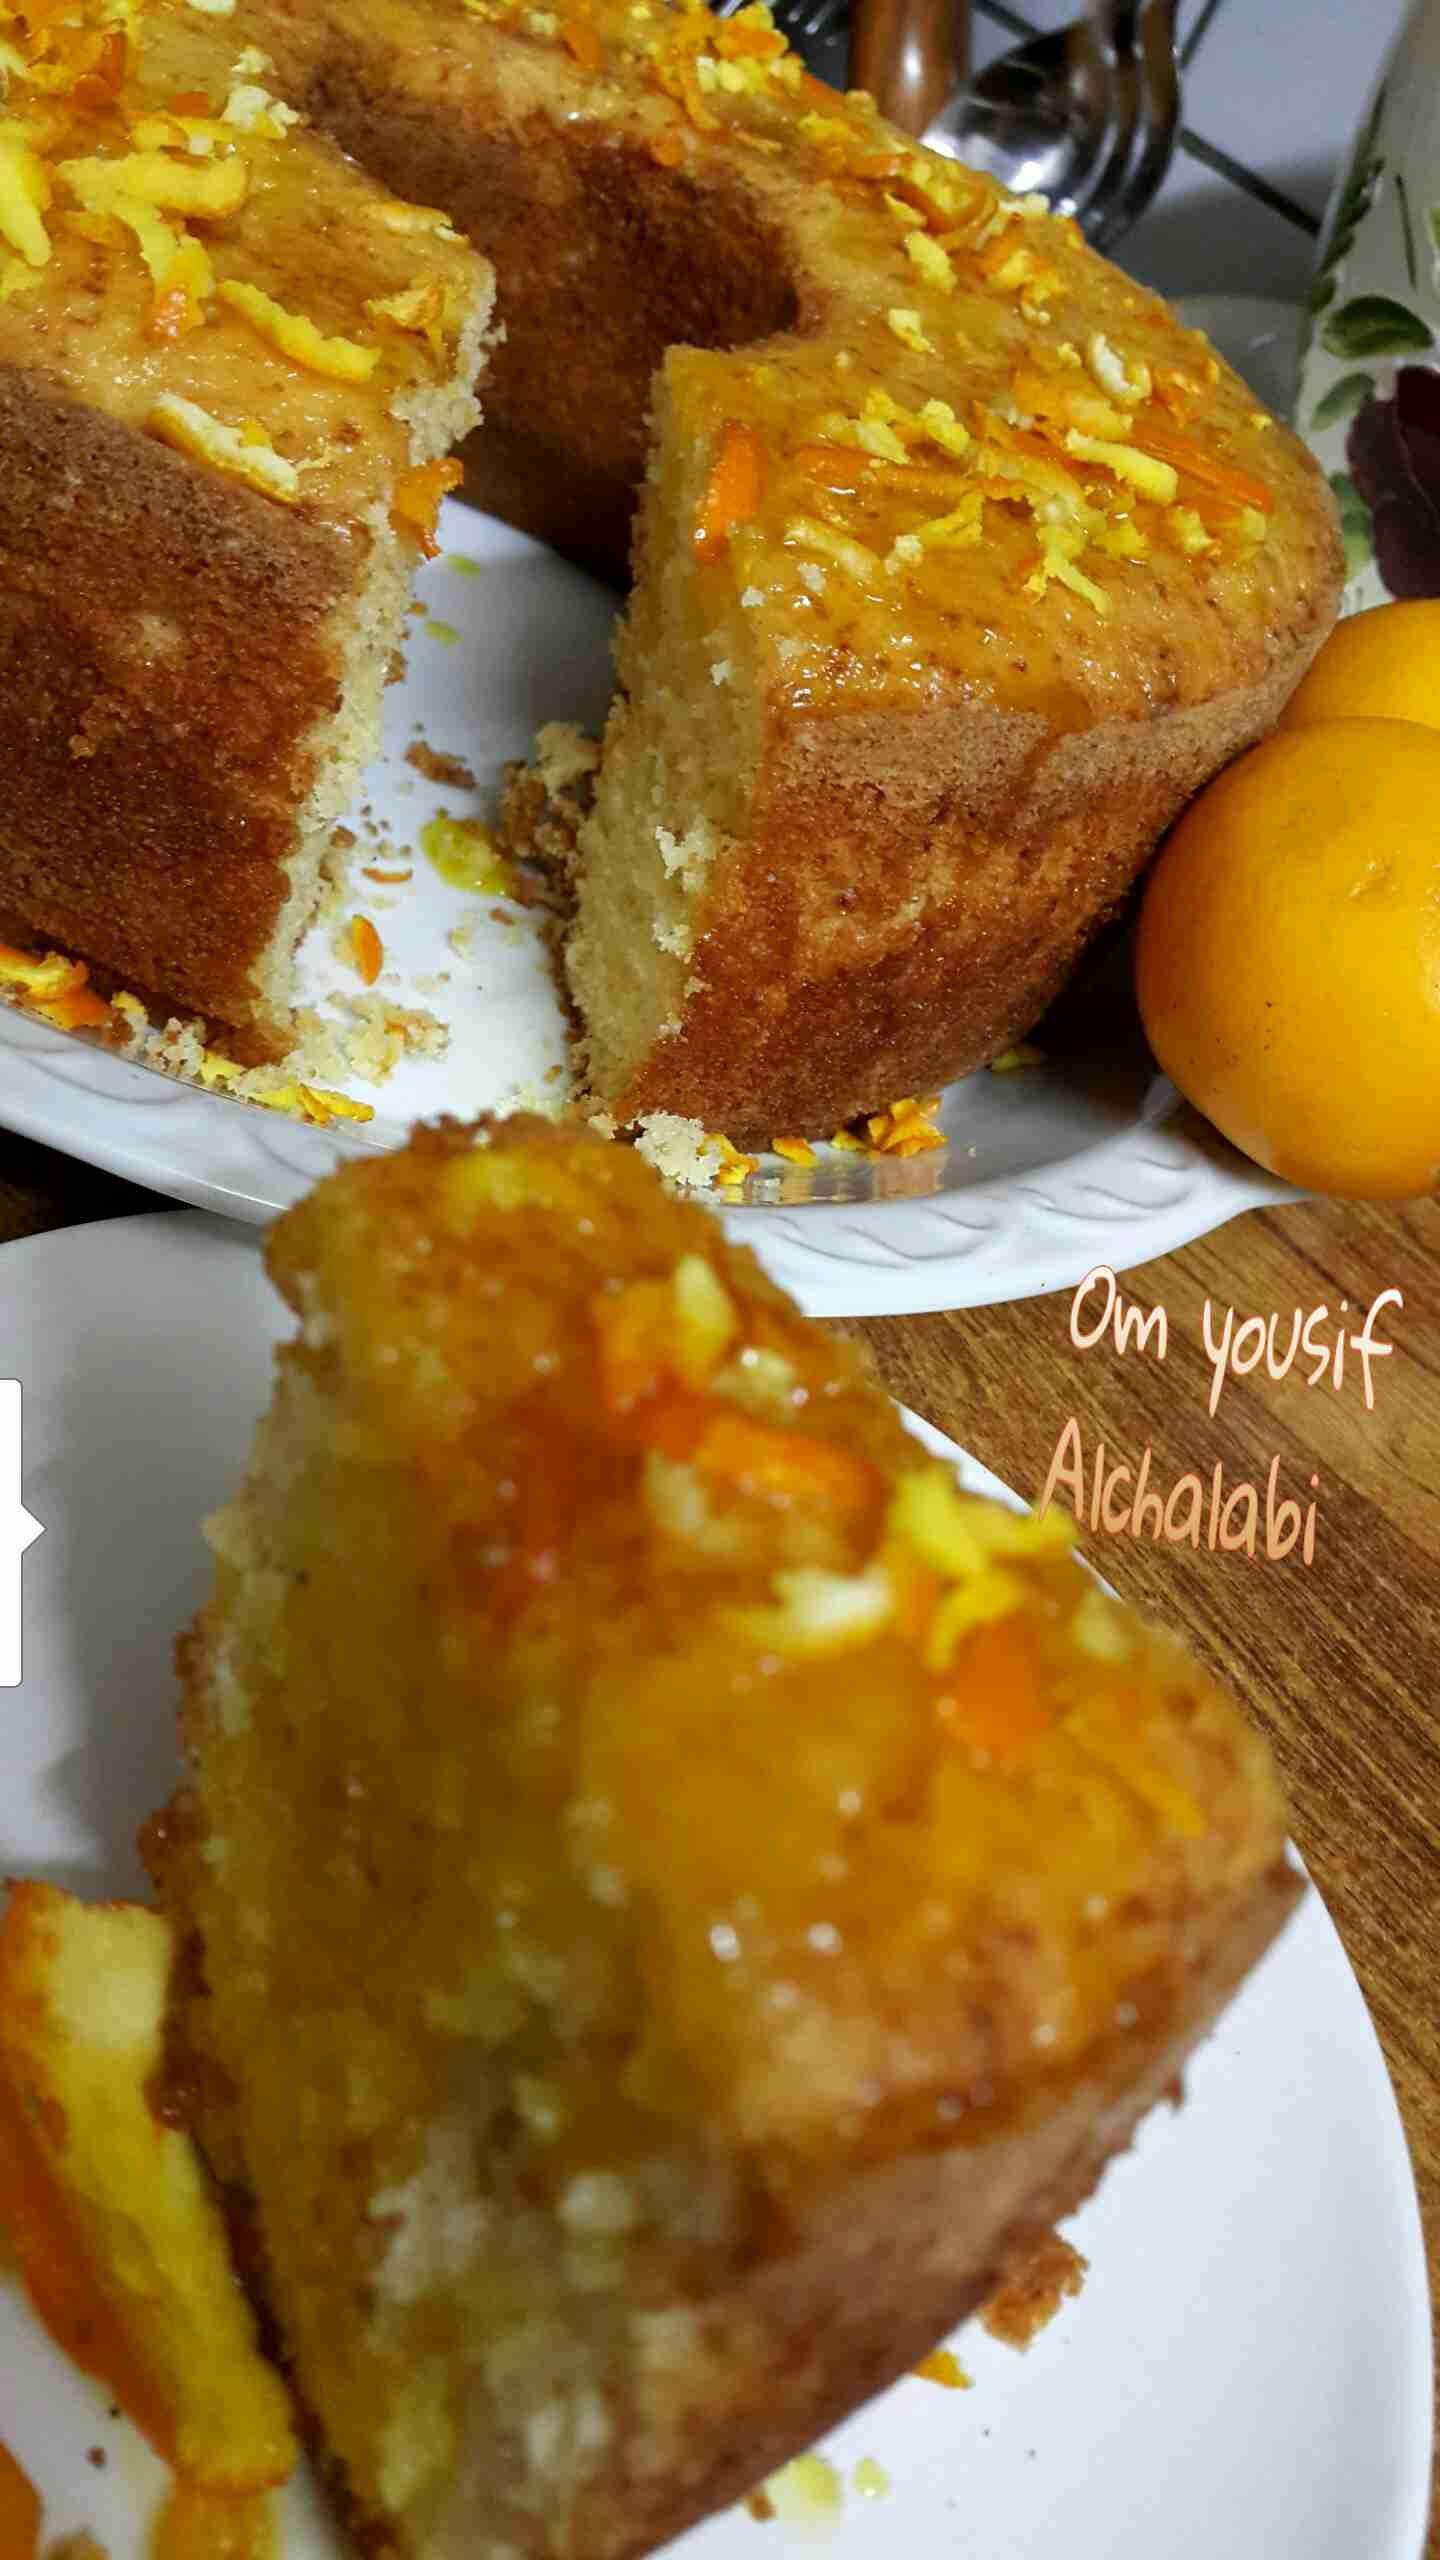 كيكة الليمون روووعة لفطور الصباح زاكي Fast Easy Breakfast Dessert Recipes Food